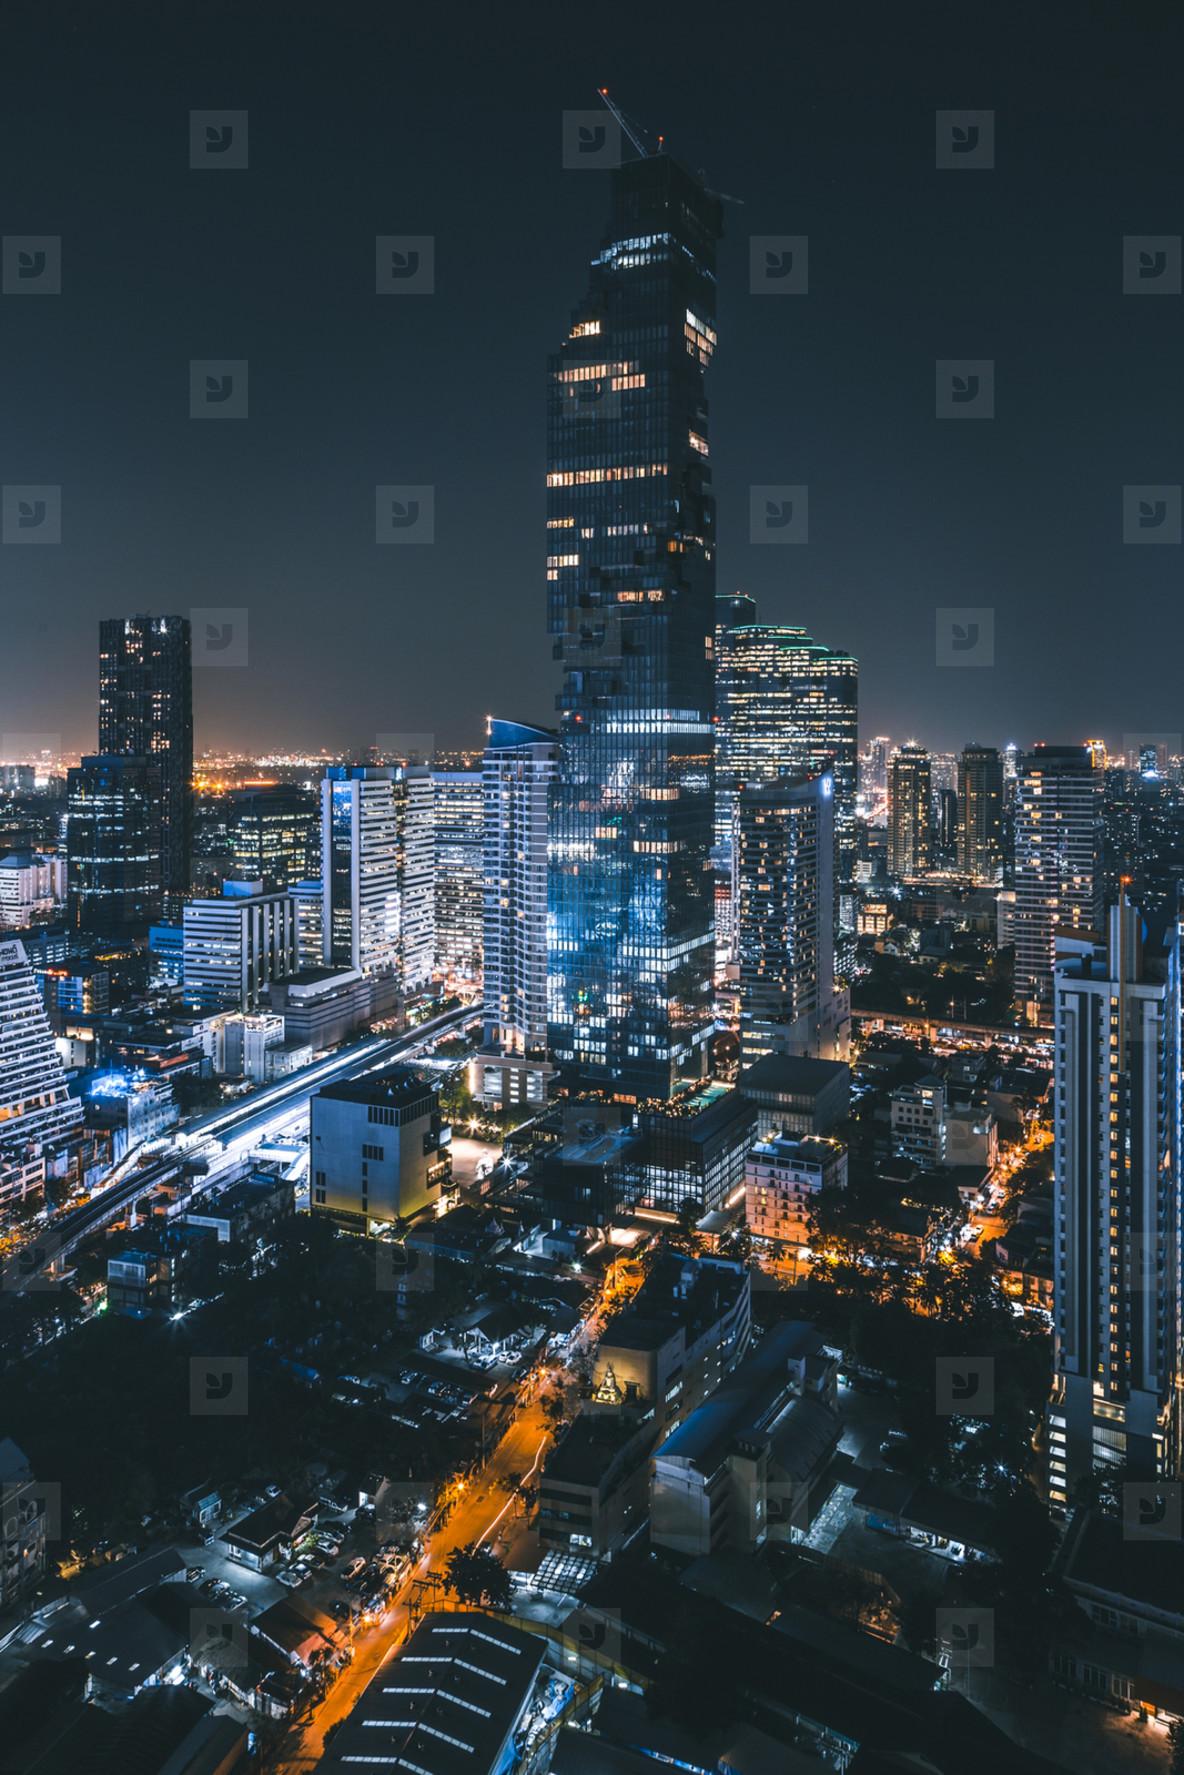 Mahanakhon at night